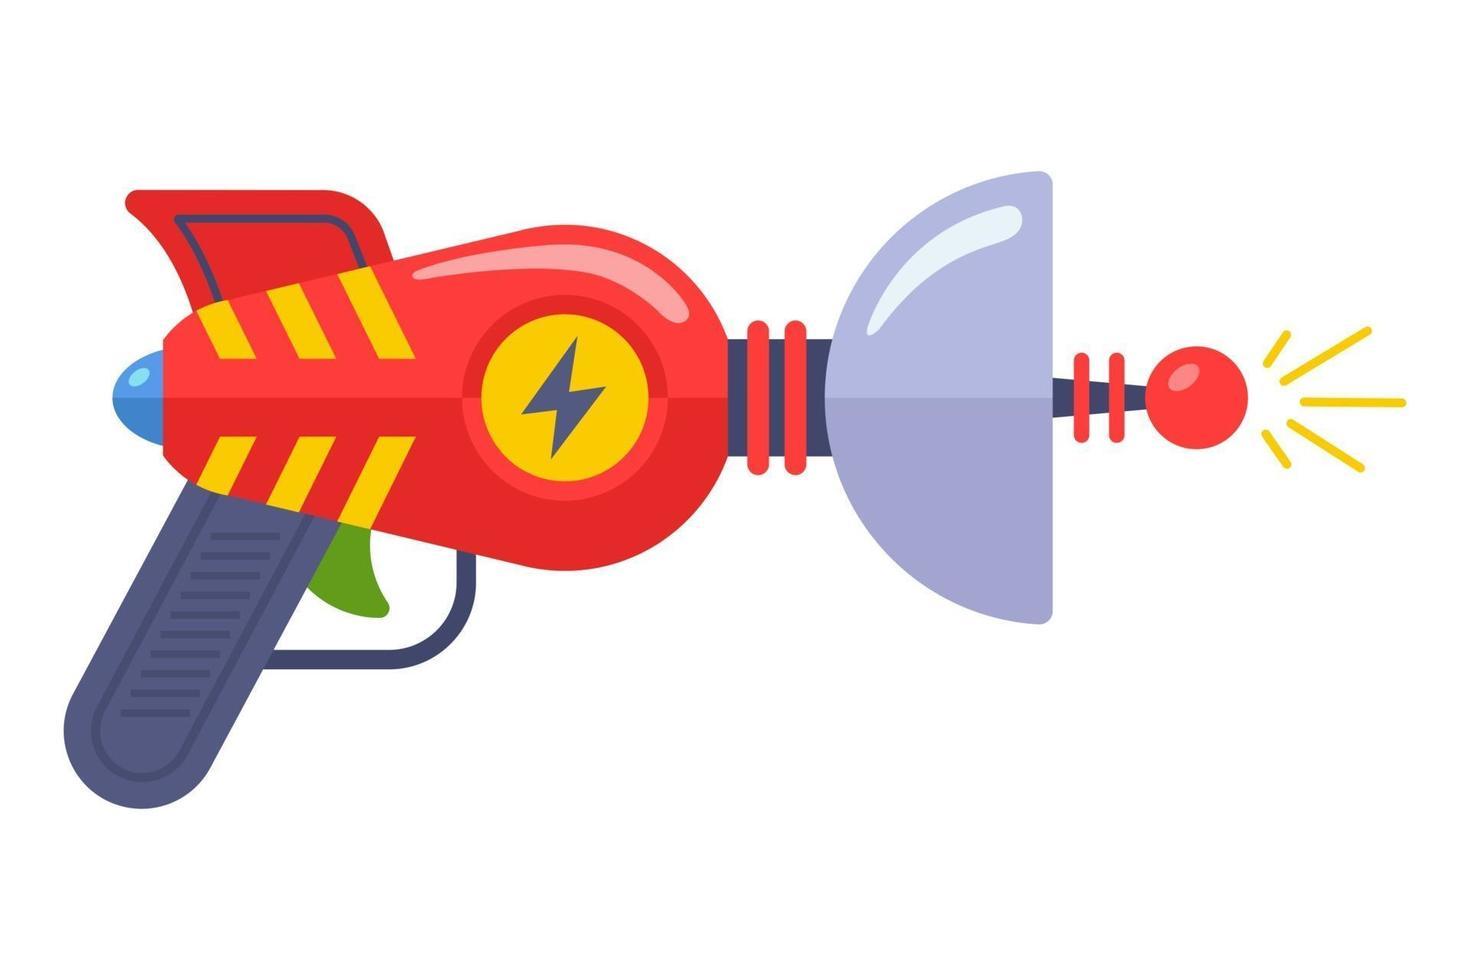 Alien Toy Gun aus den 60ern. fantastische Waffe. flache Vektorillustration. vektor